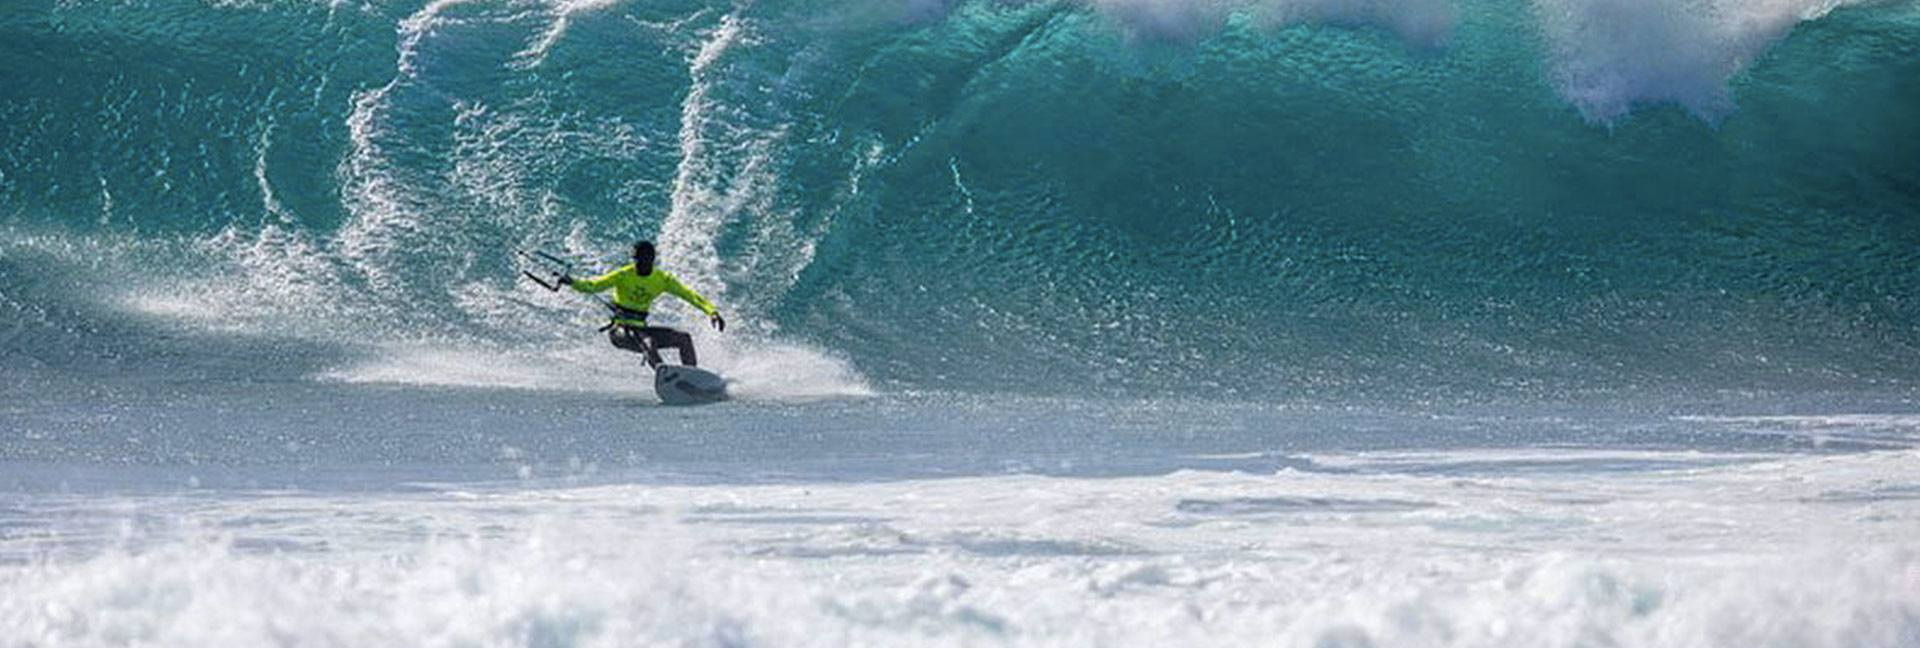 Waves spot for strapless in Ponta Preta at Capo verde